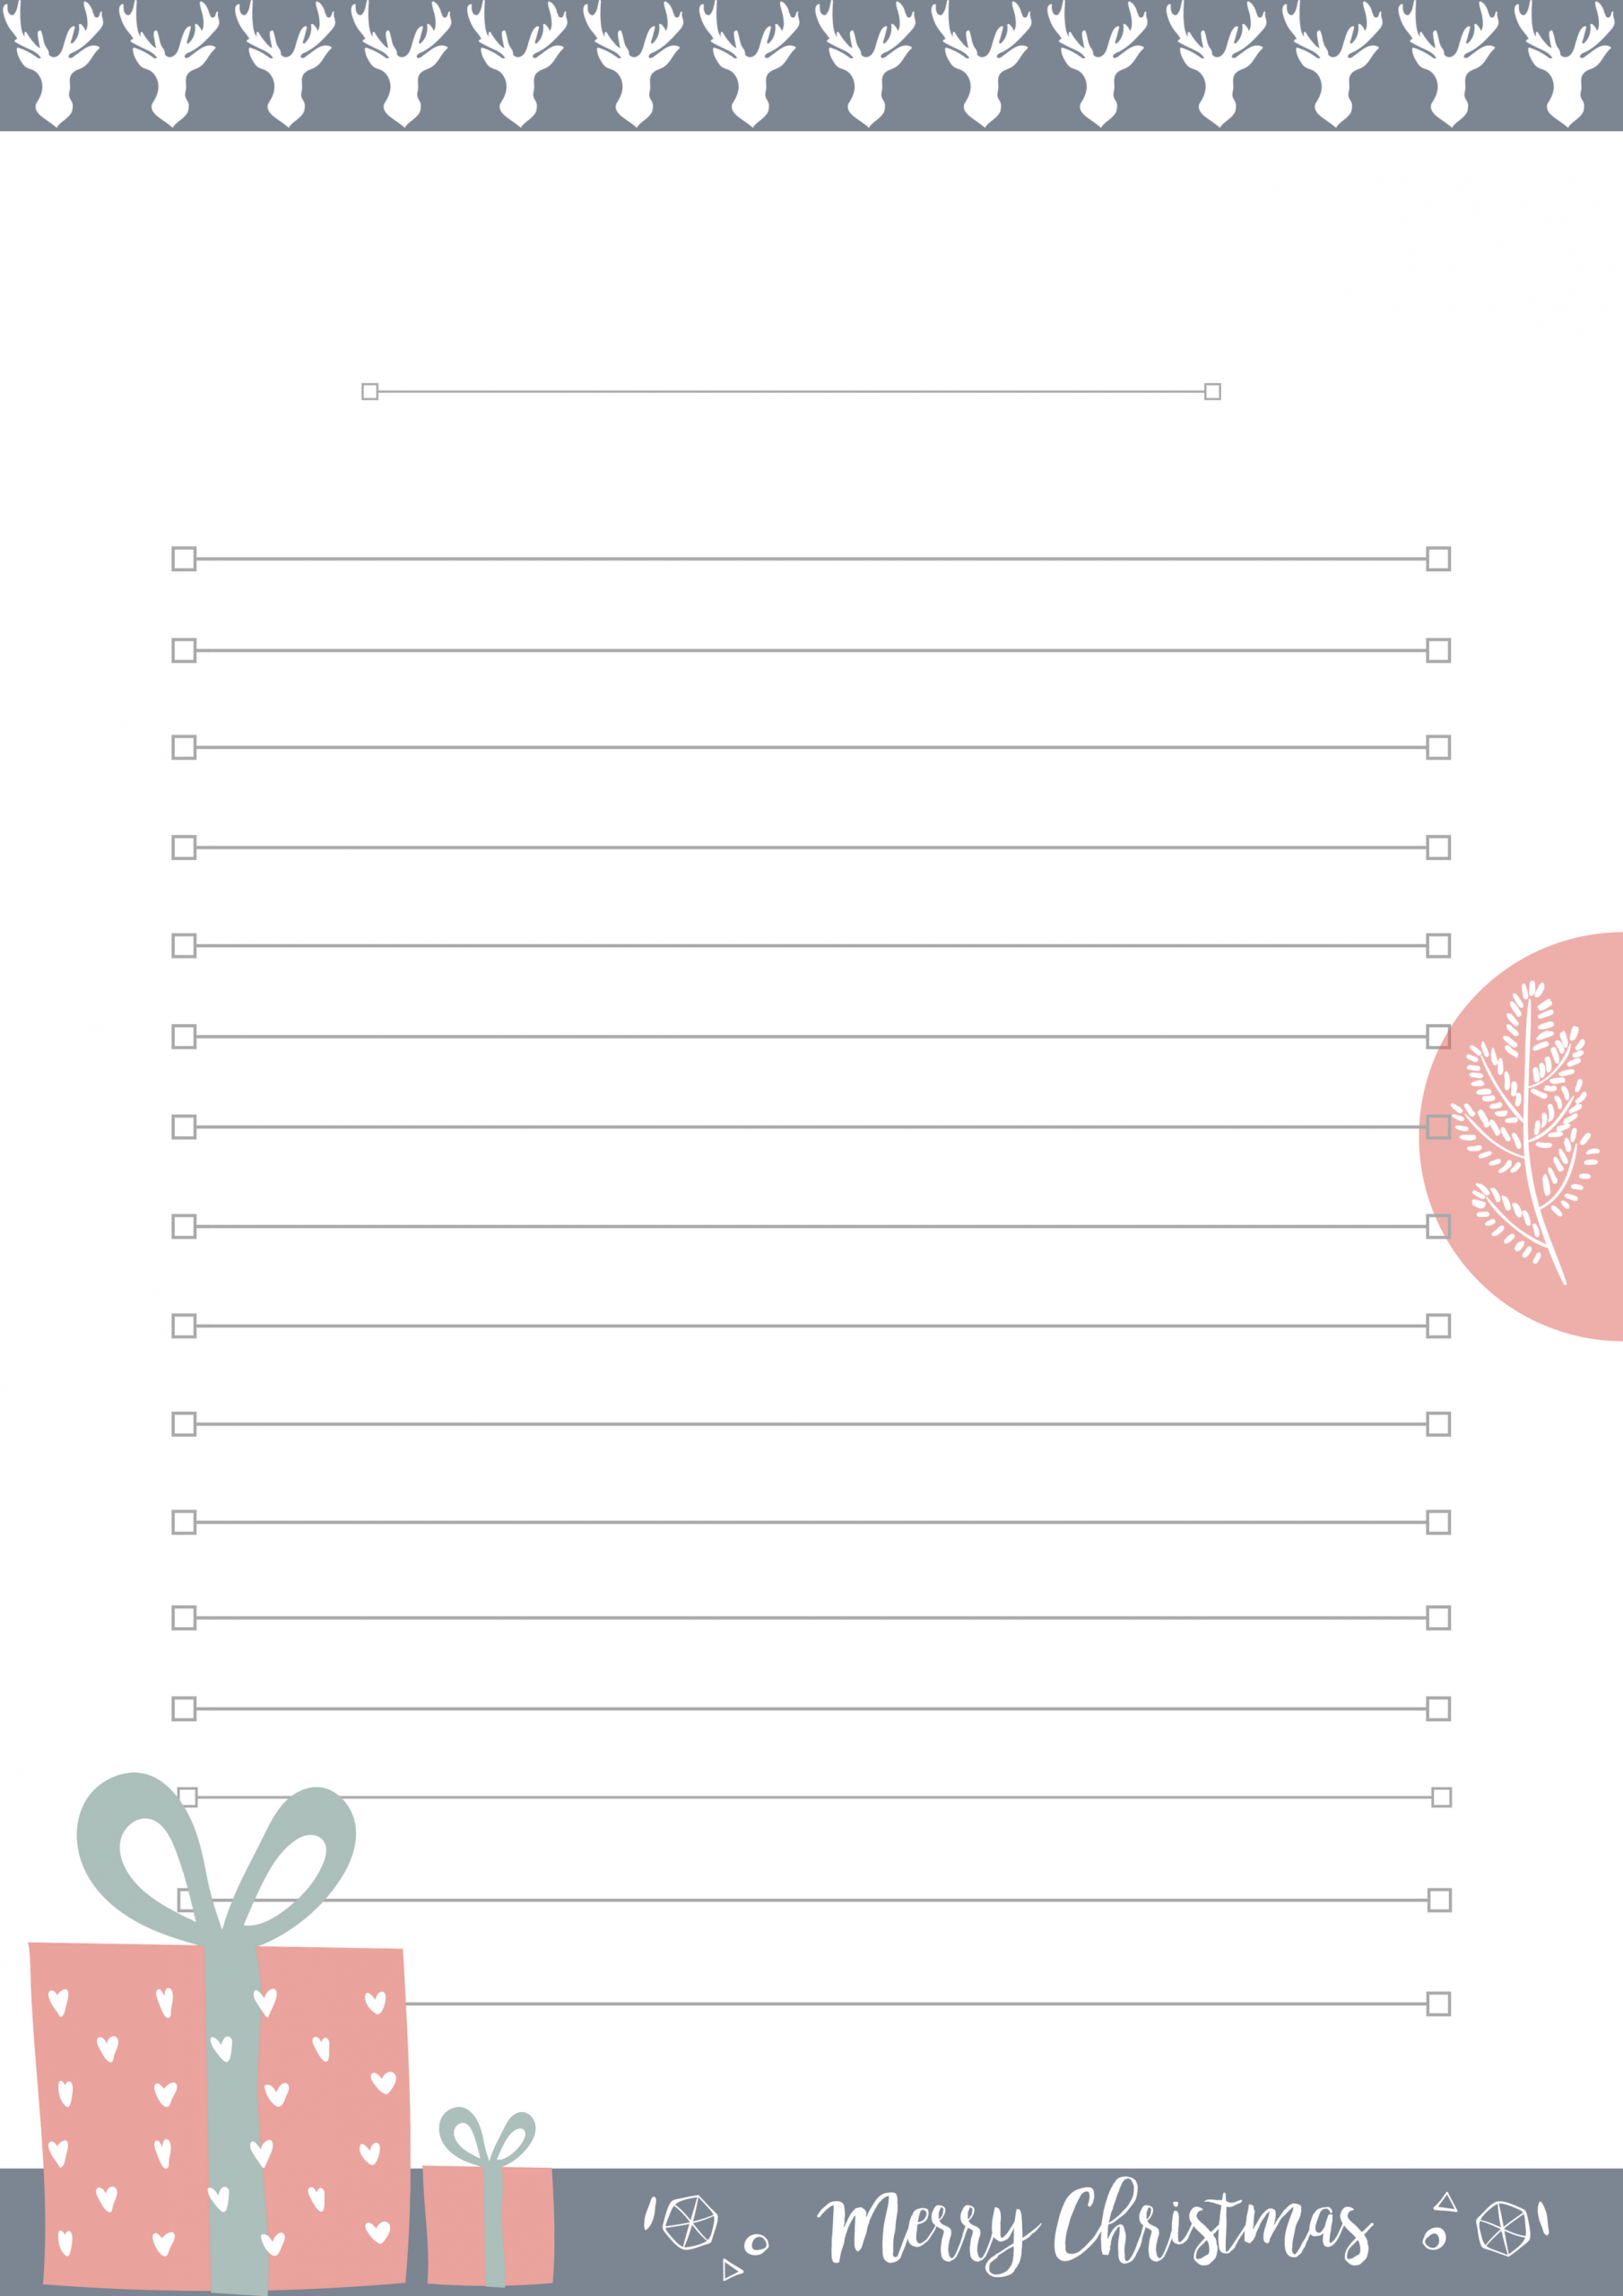 10+ Briefpapier Kostenlos Ausdrucken   Character Refence mit Weihnachtsbriefpapier Zum Ausdrucken